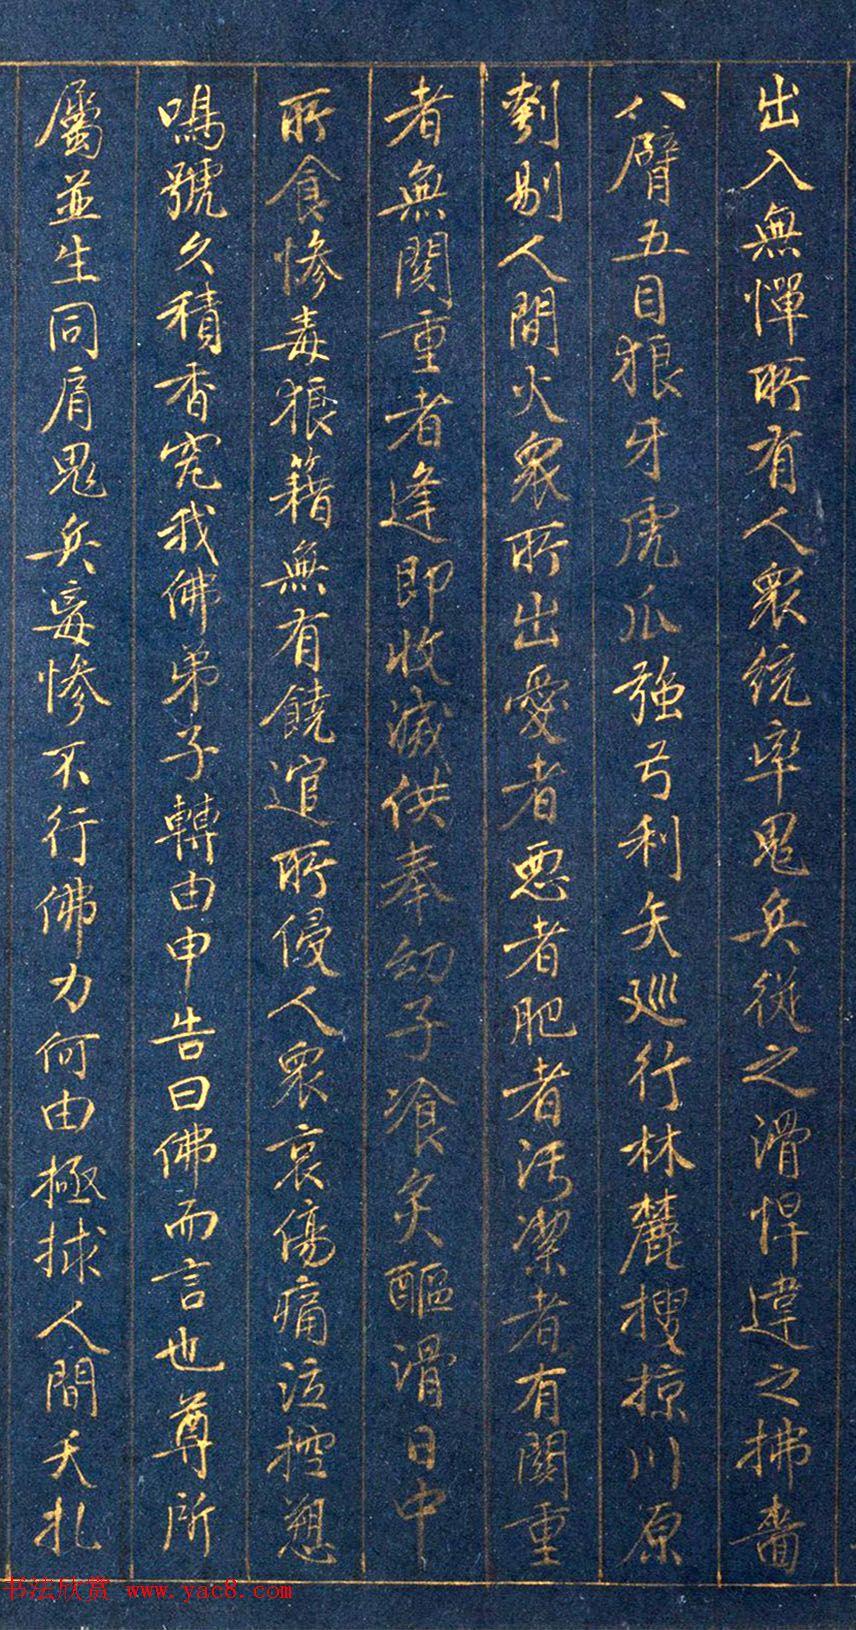 元代阴阳本金字书法欣赏《广演香积经偈疏》